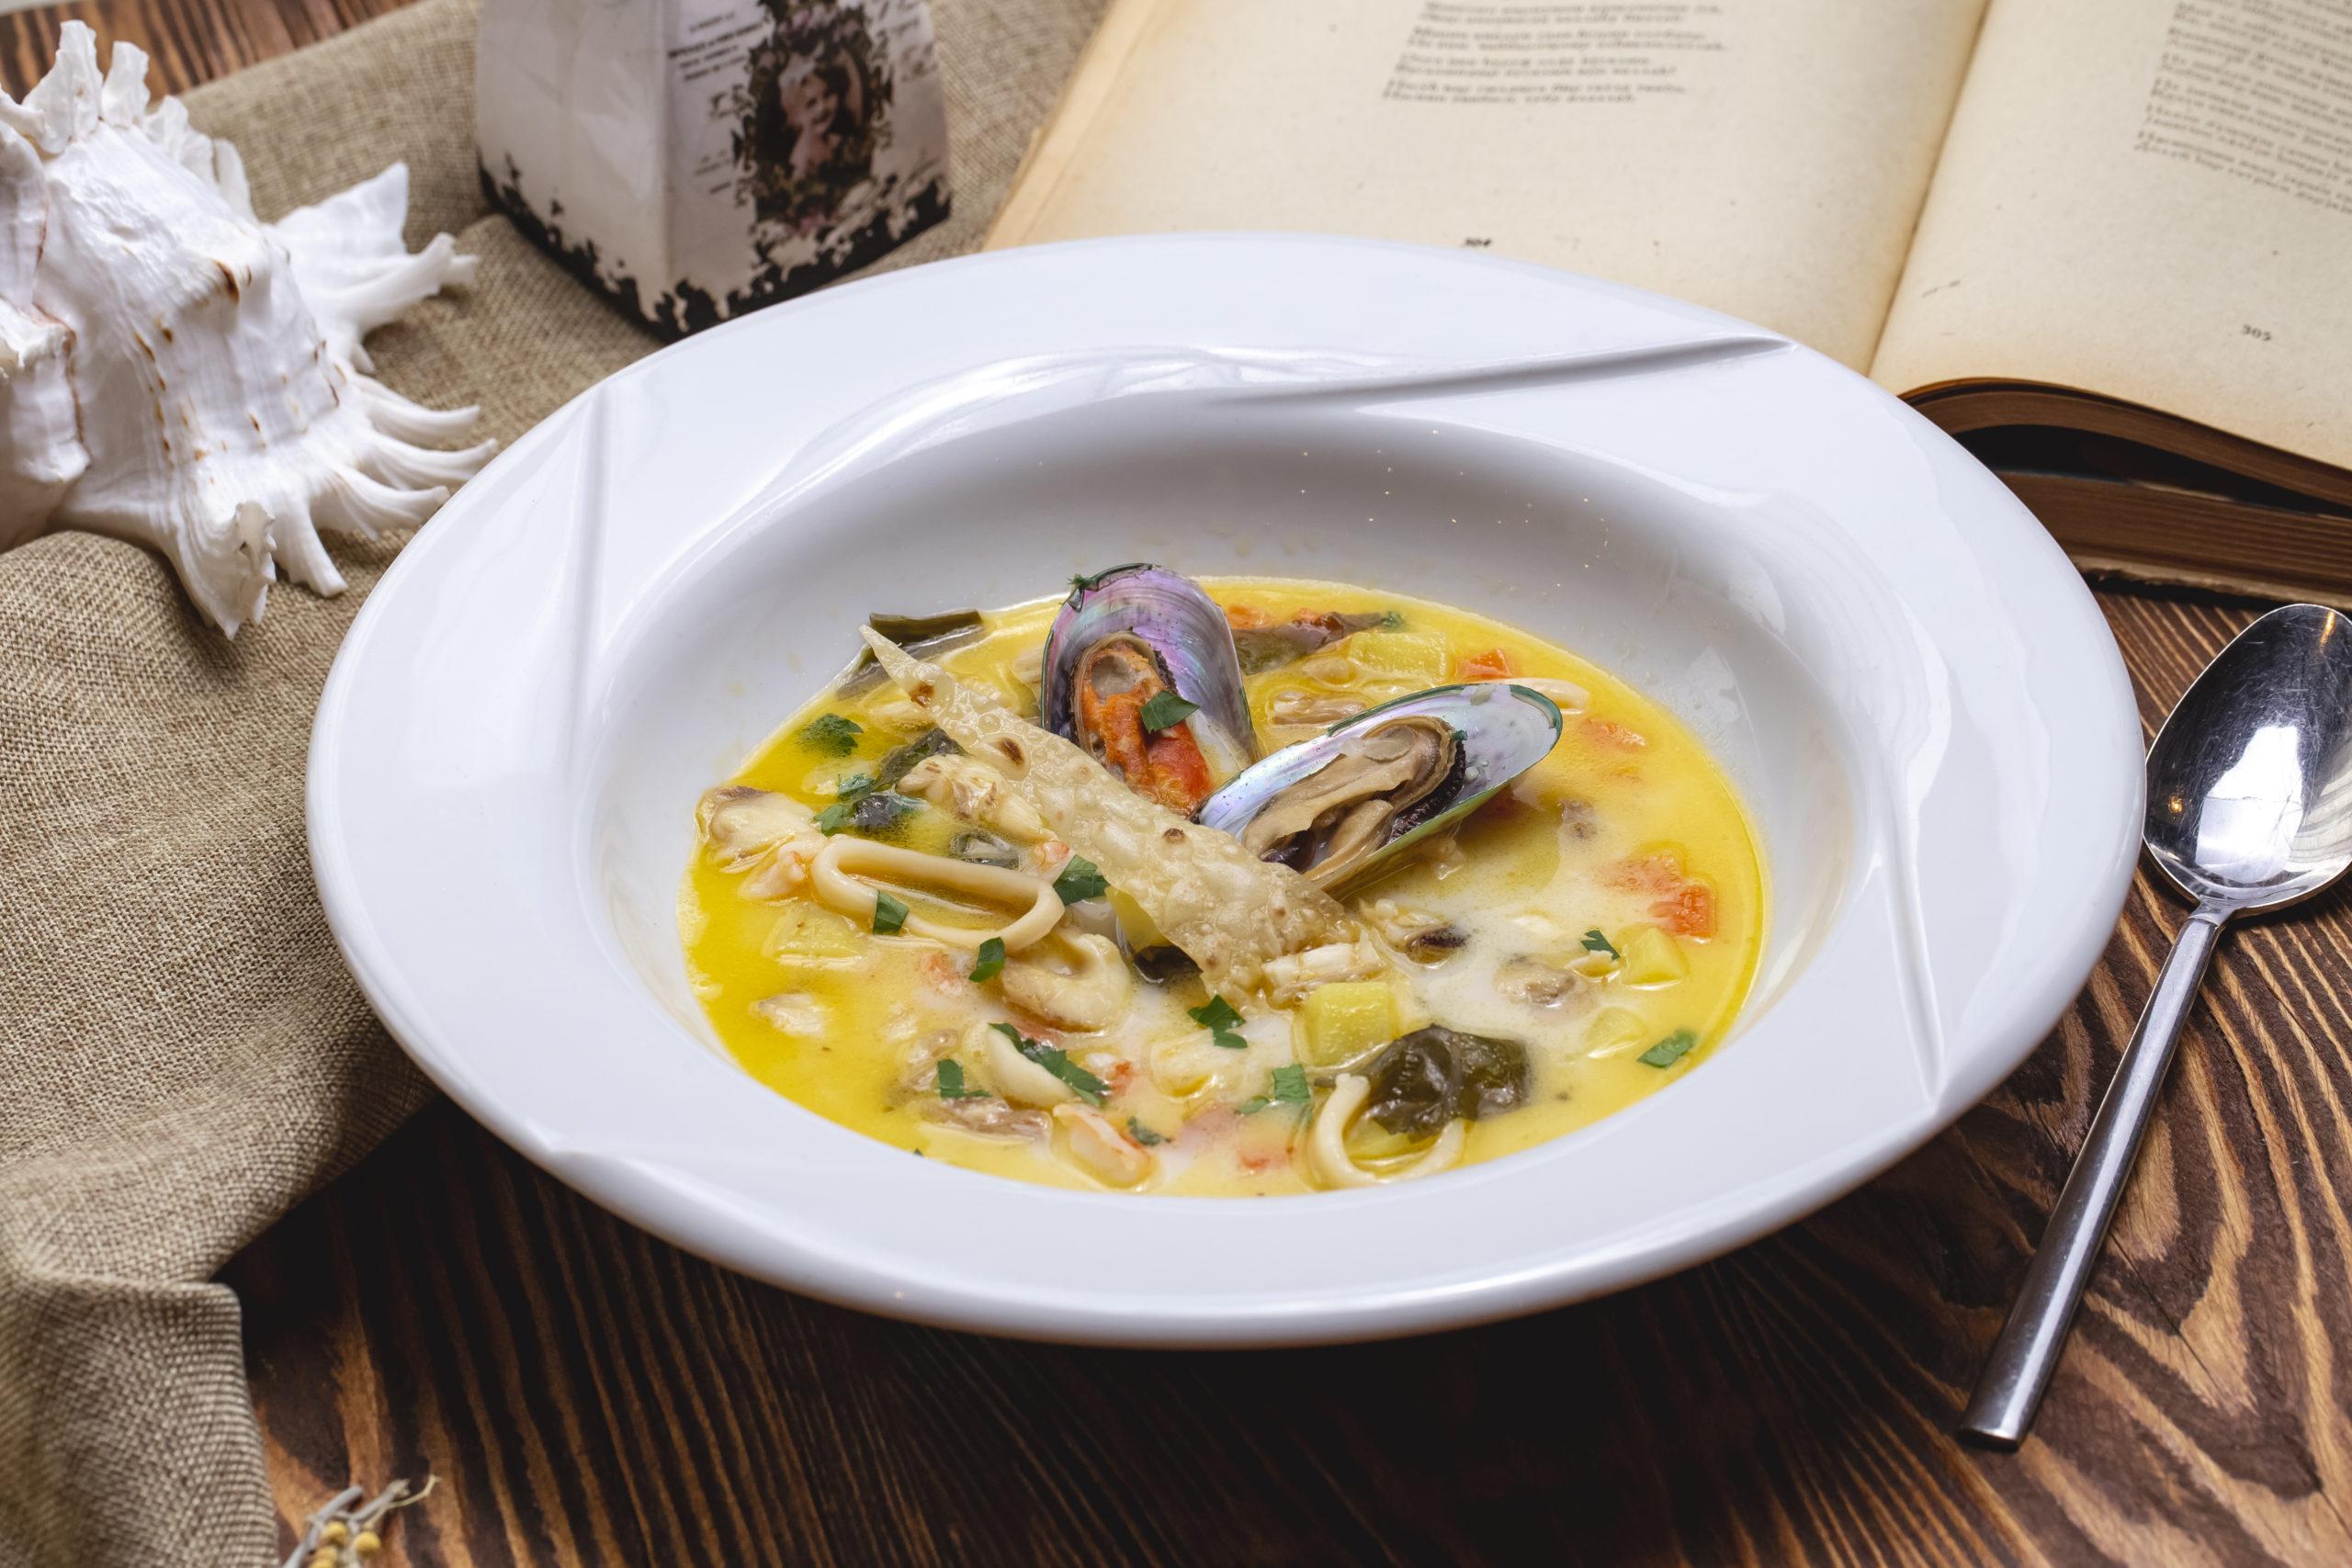 Chraime, la zuppa di pesce piccante